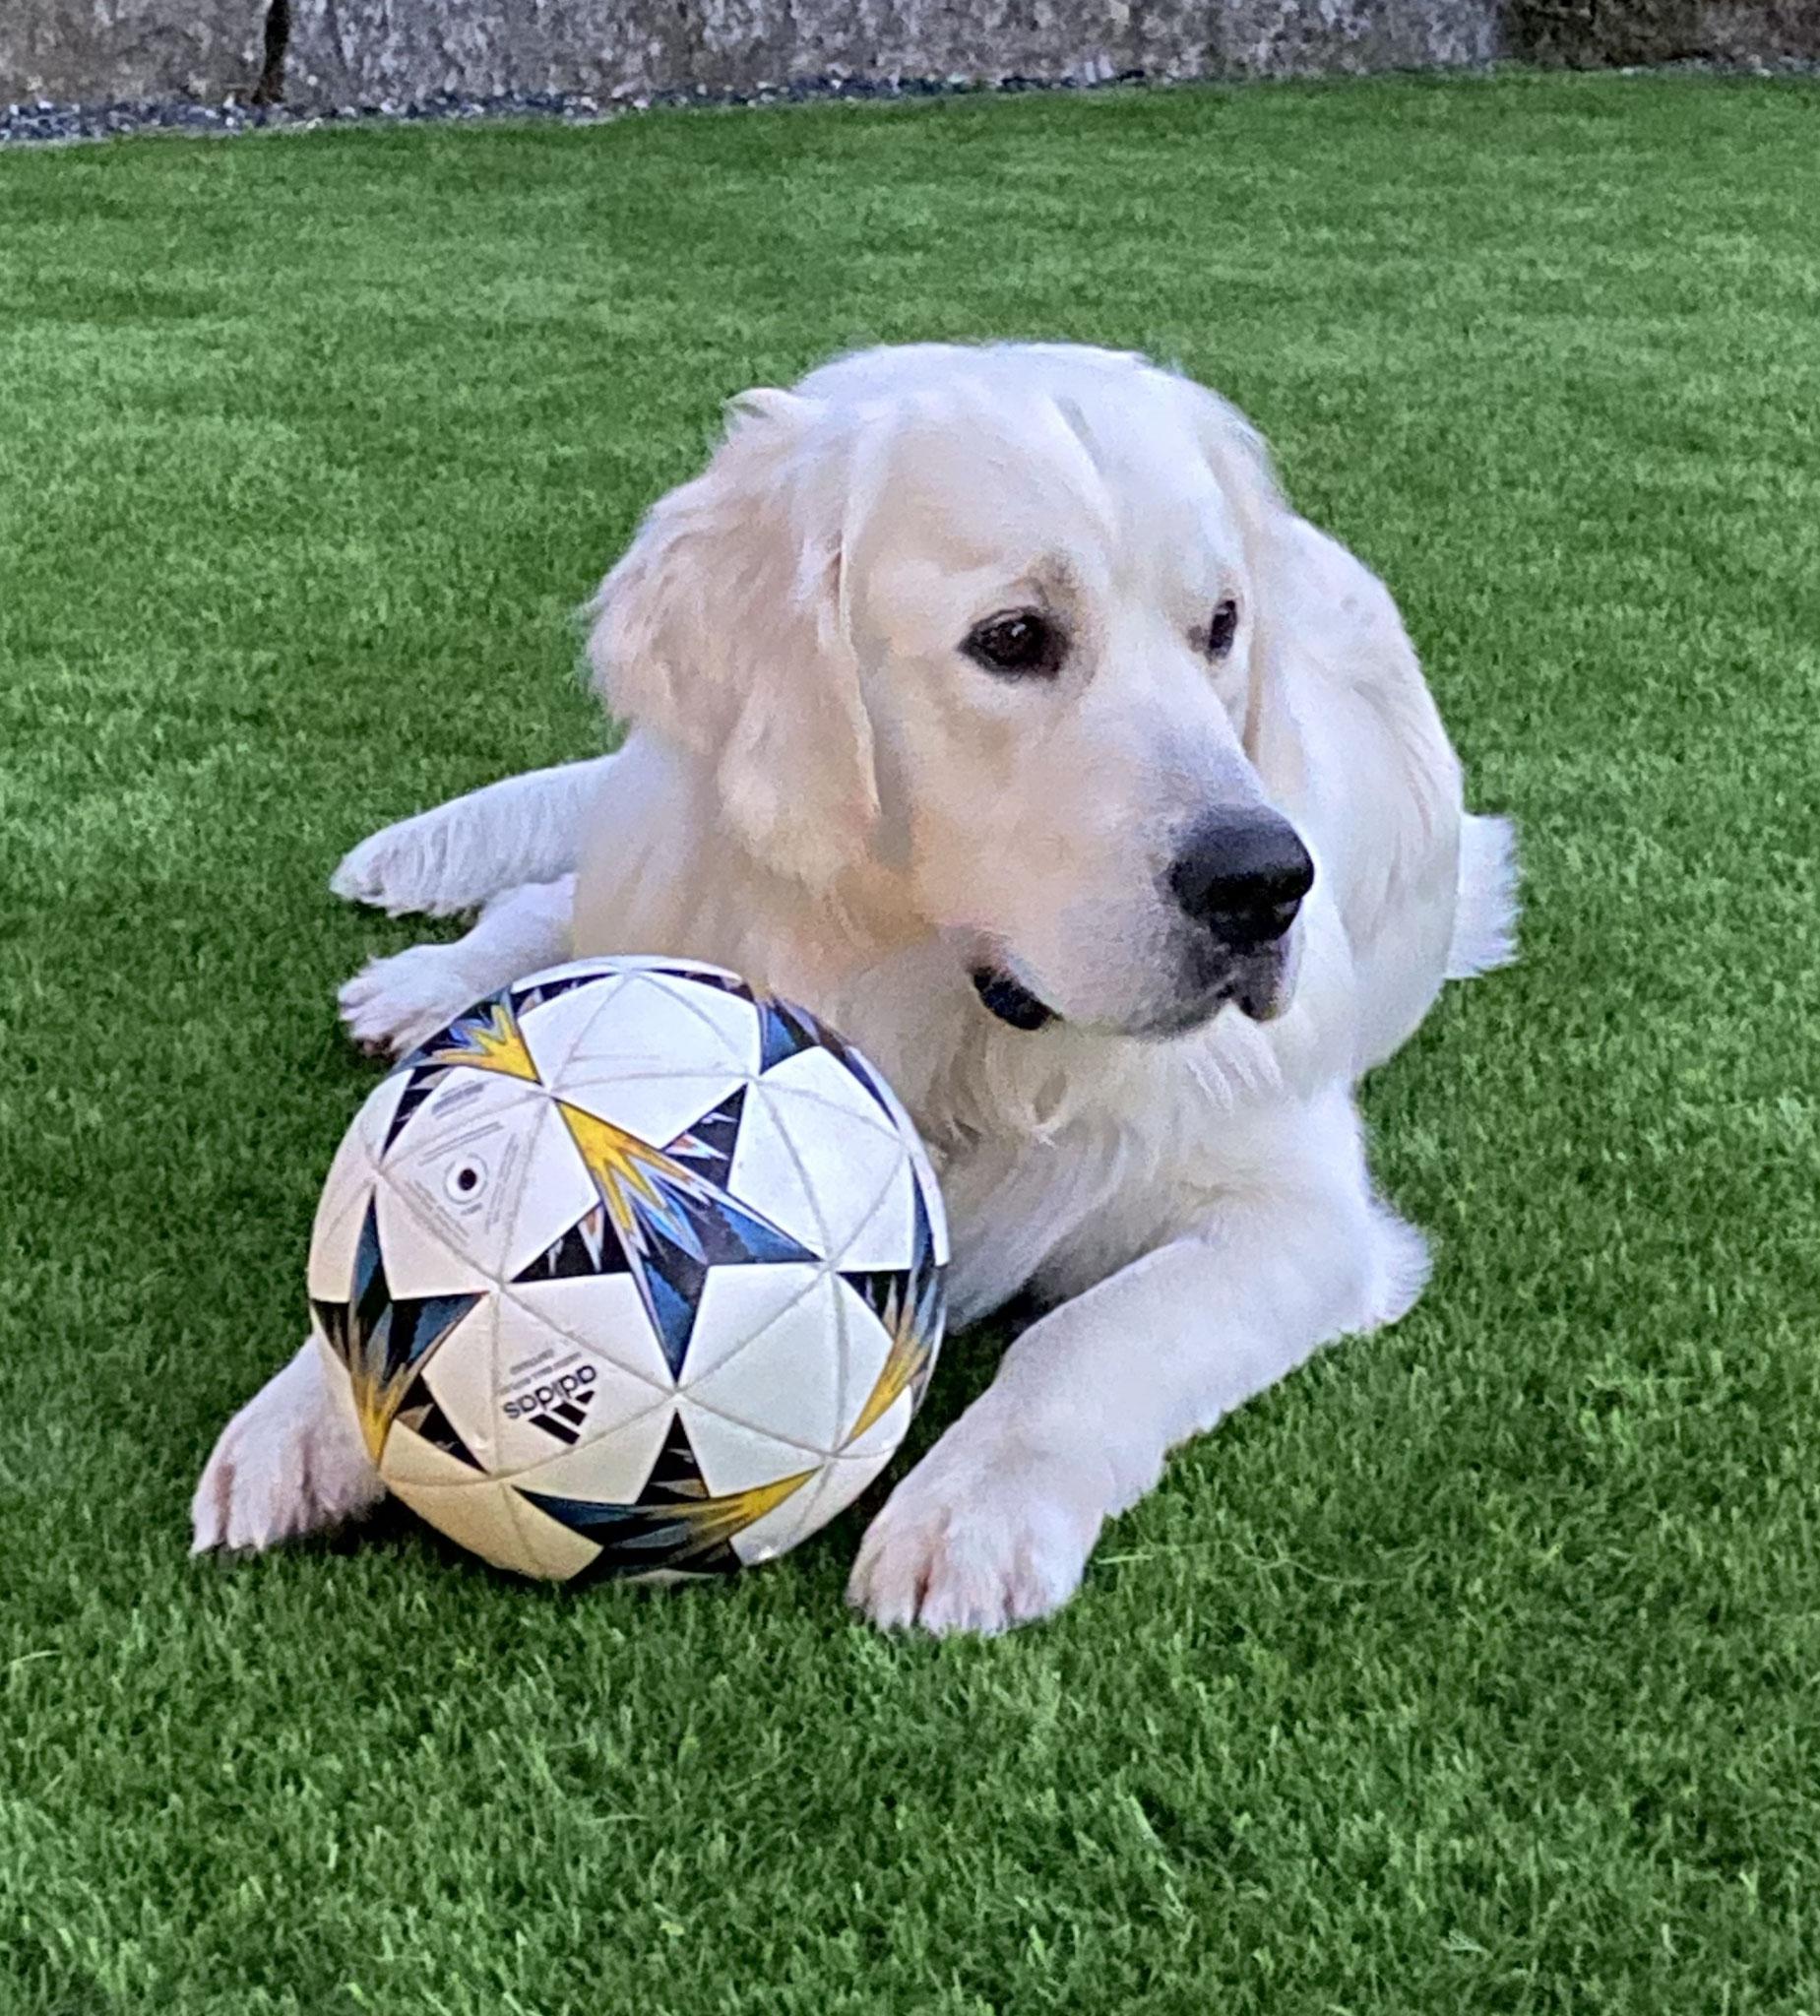 Fussball von meinem Nachbarn Sisley - DANKE Sisley! Freue mich SEHR darüber!!!